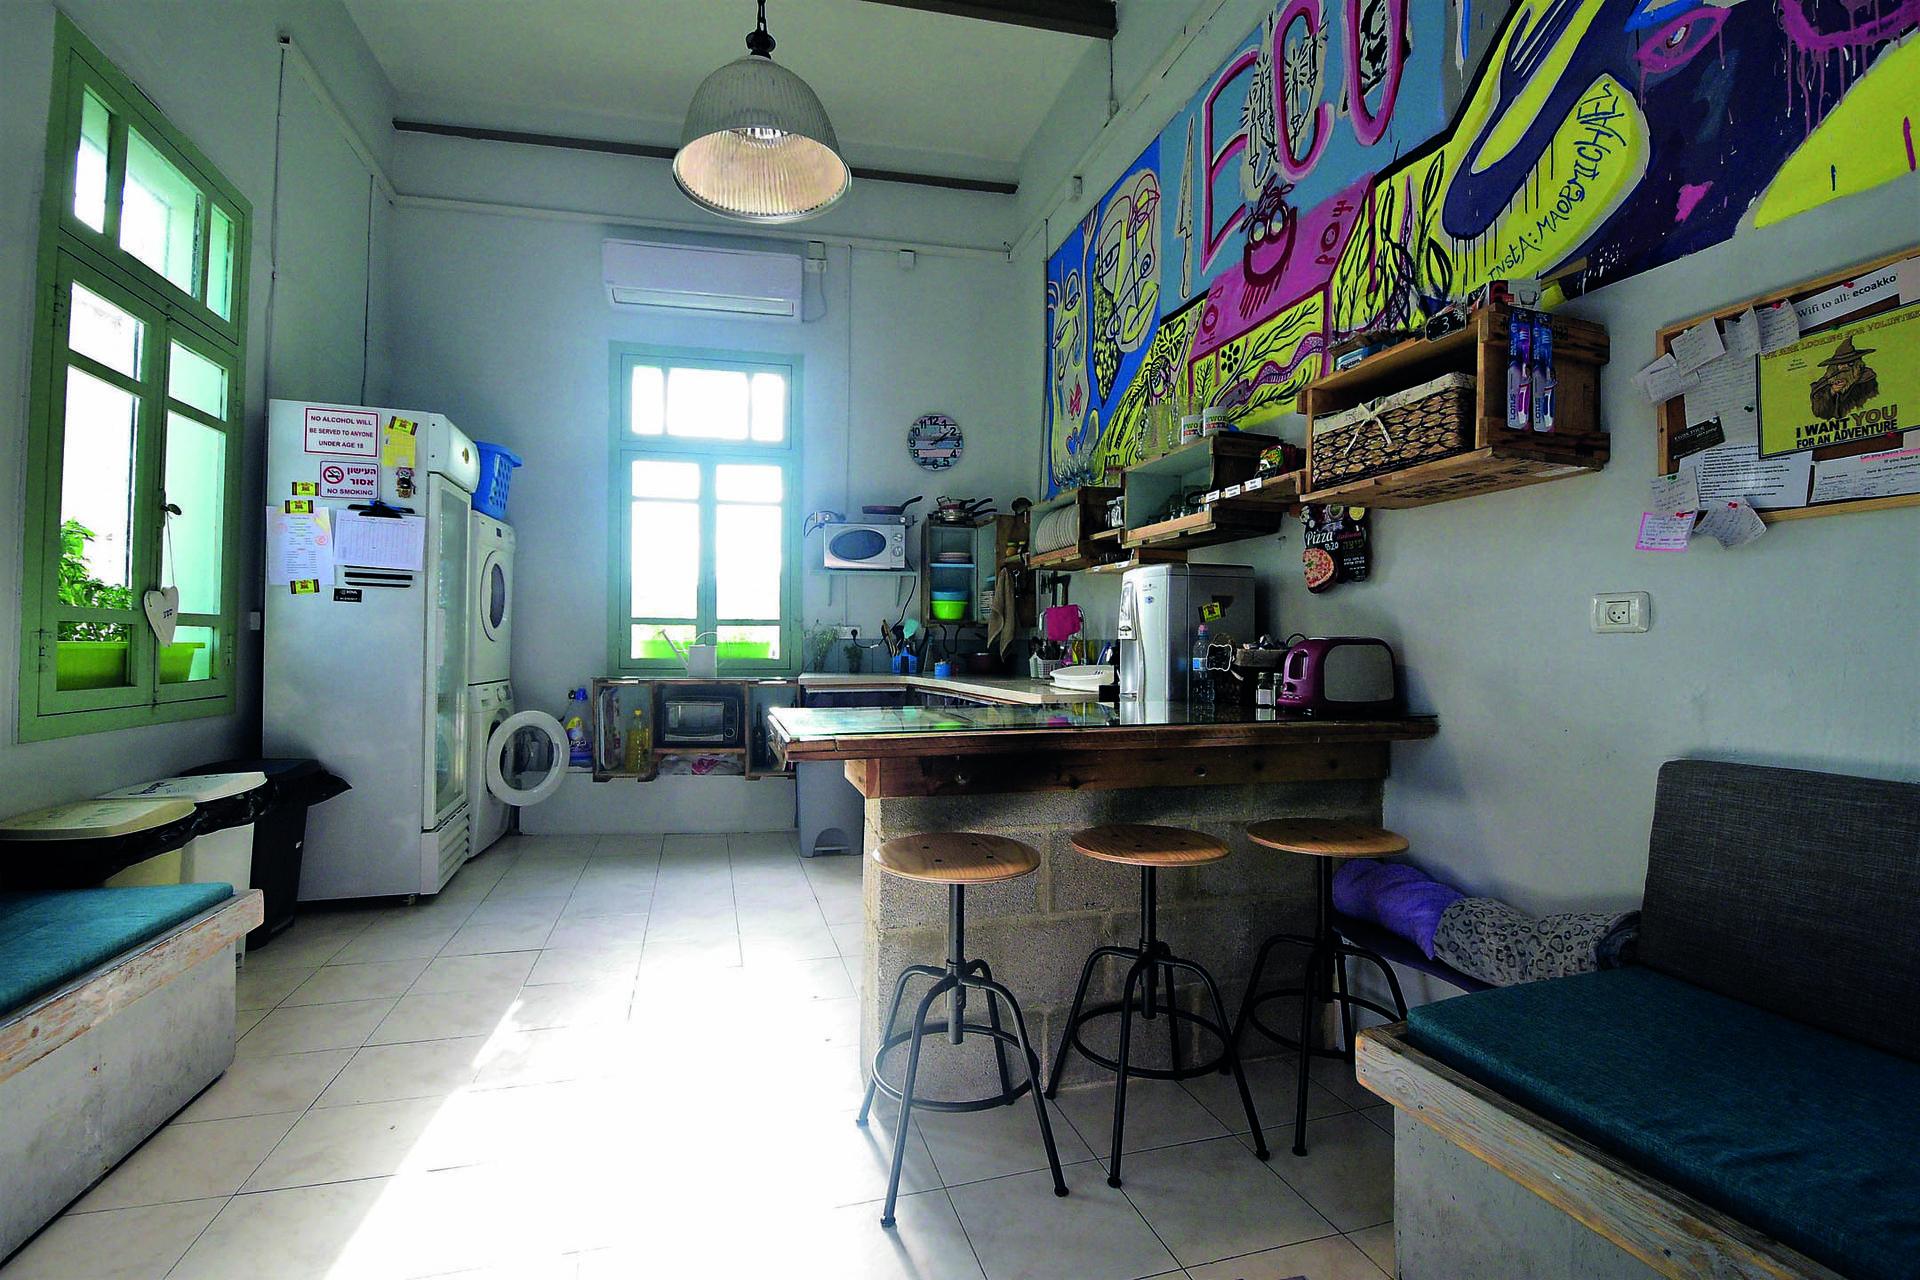 המטבח לשירות דיירי האכסניה | צילום: נחום סגל